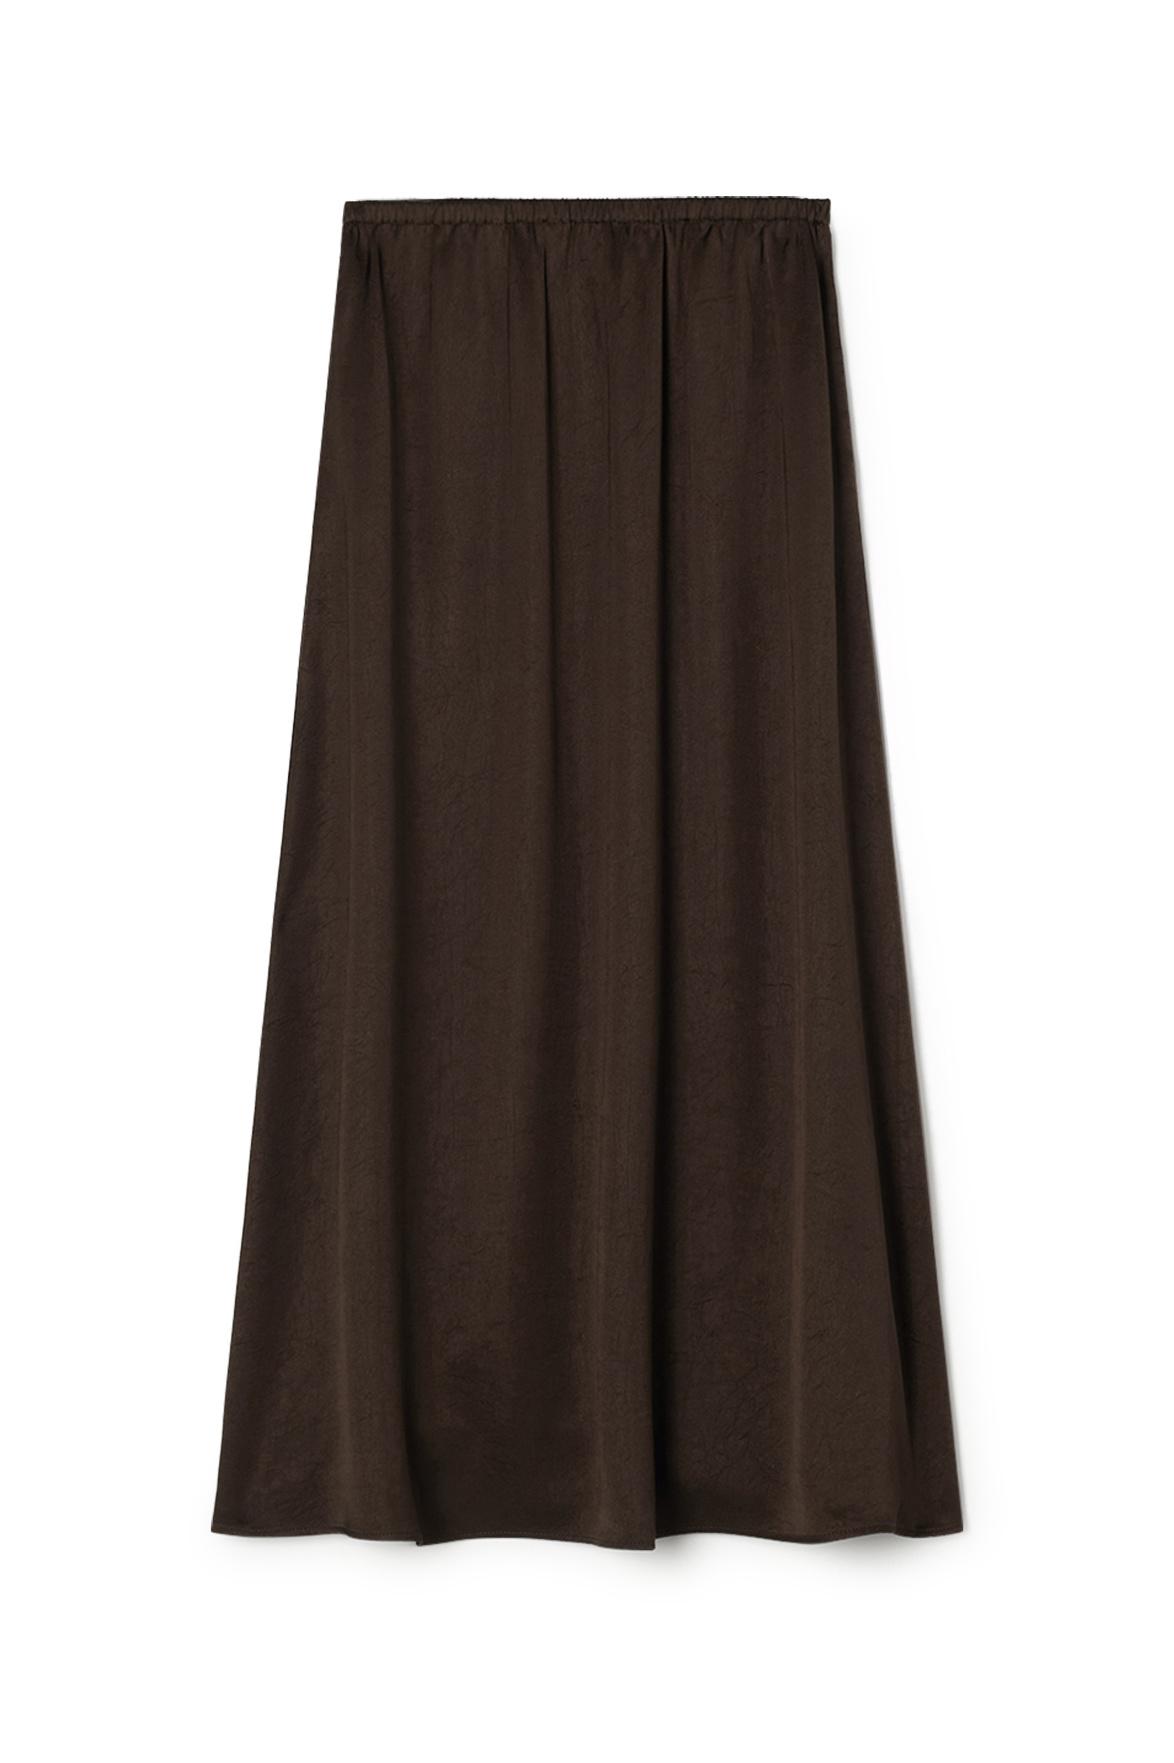 Widland Skirt - Chocolate-1